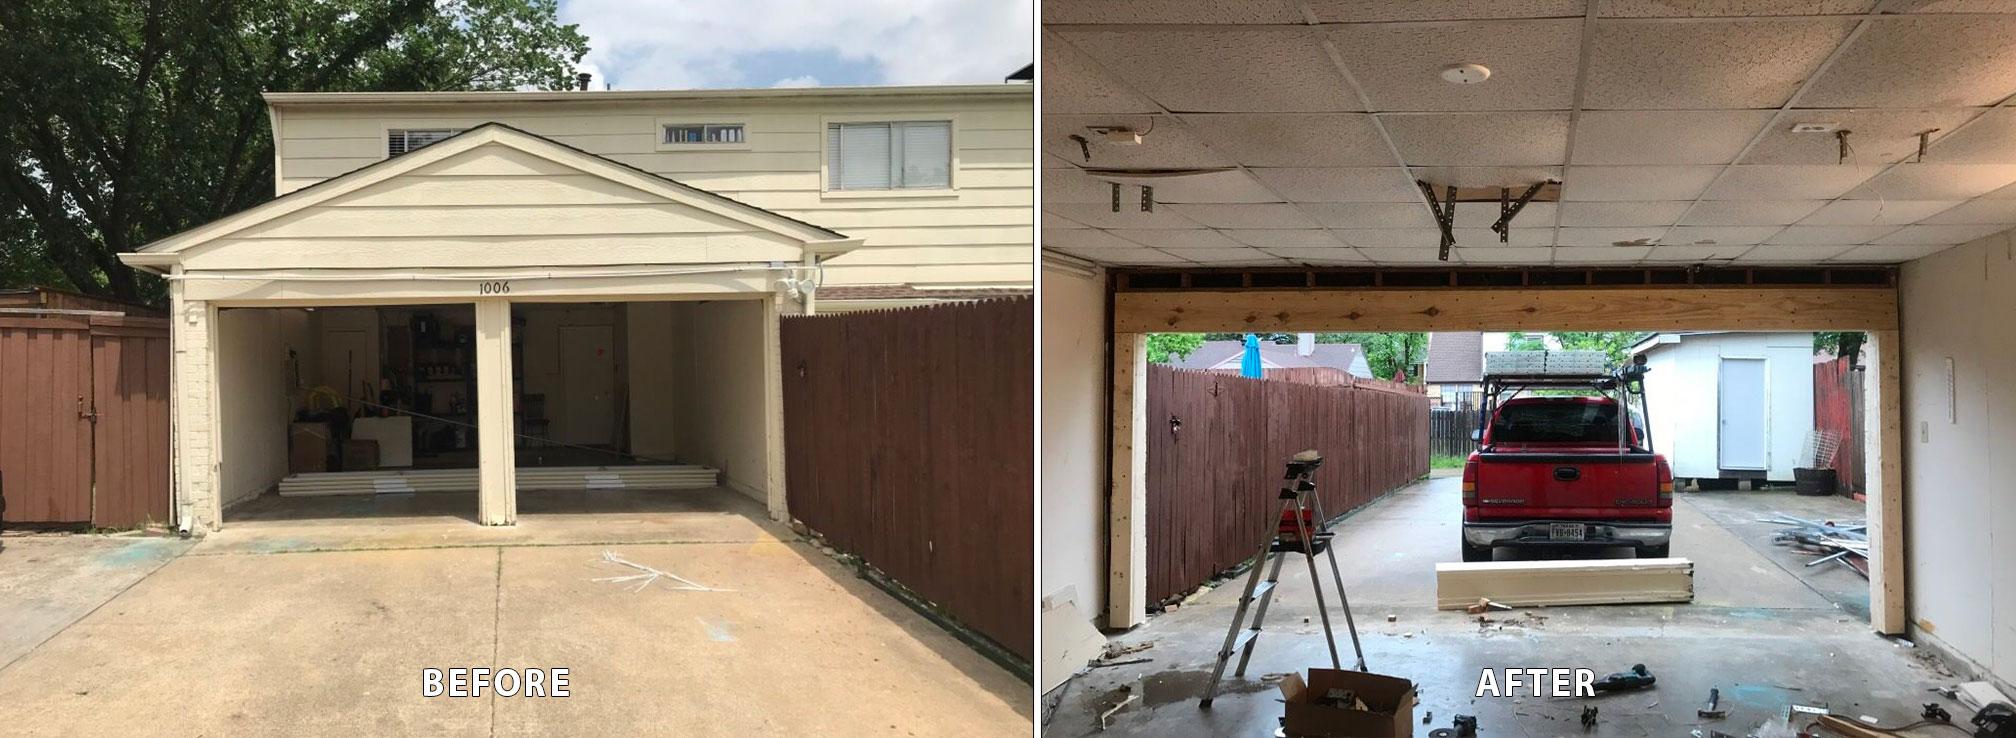 Garage Door Photo Gallery Commercial Roll Up Doors